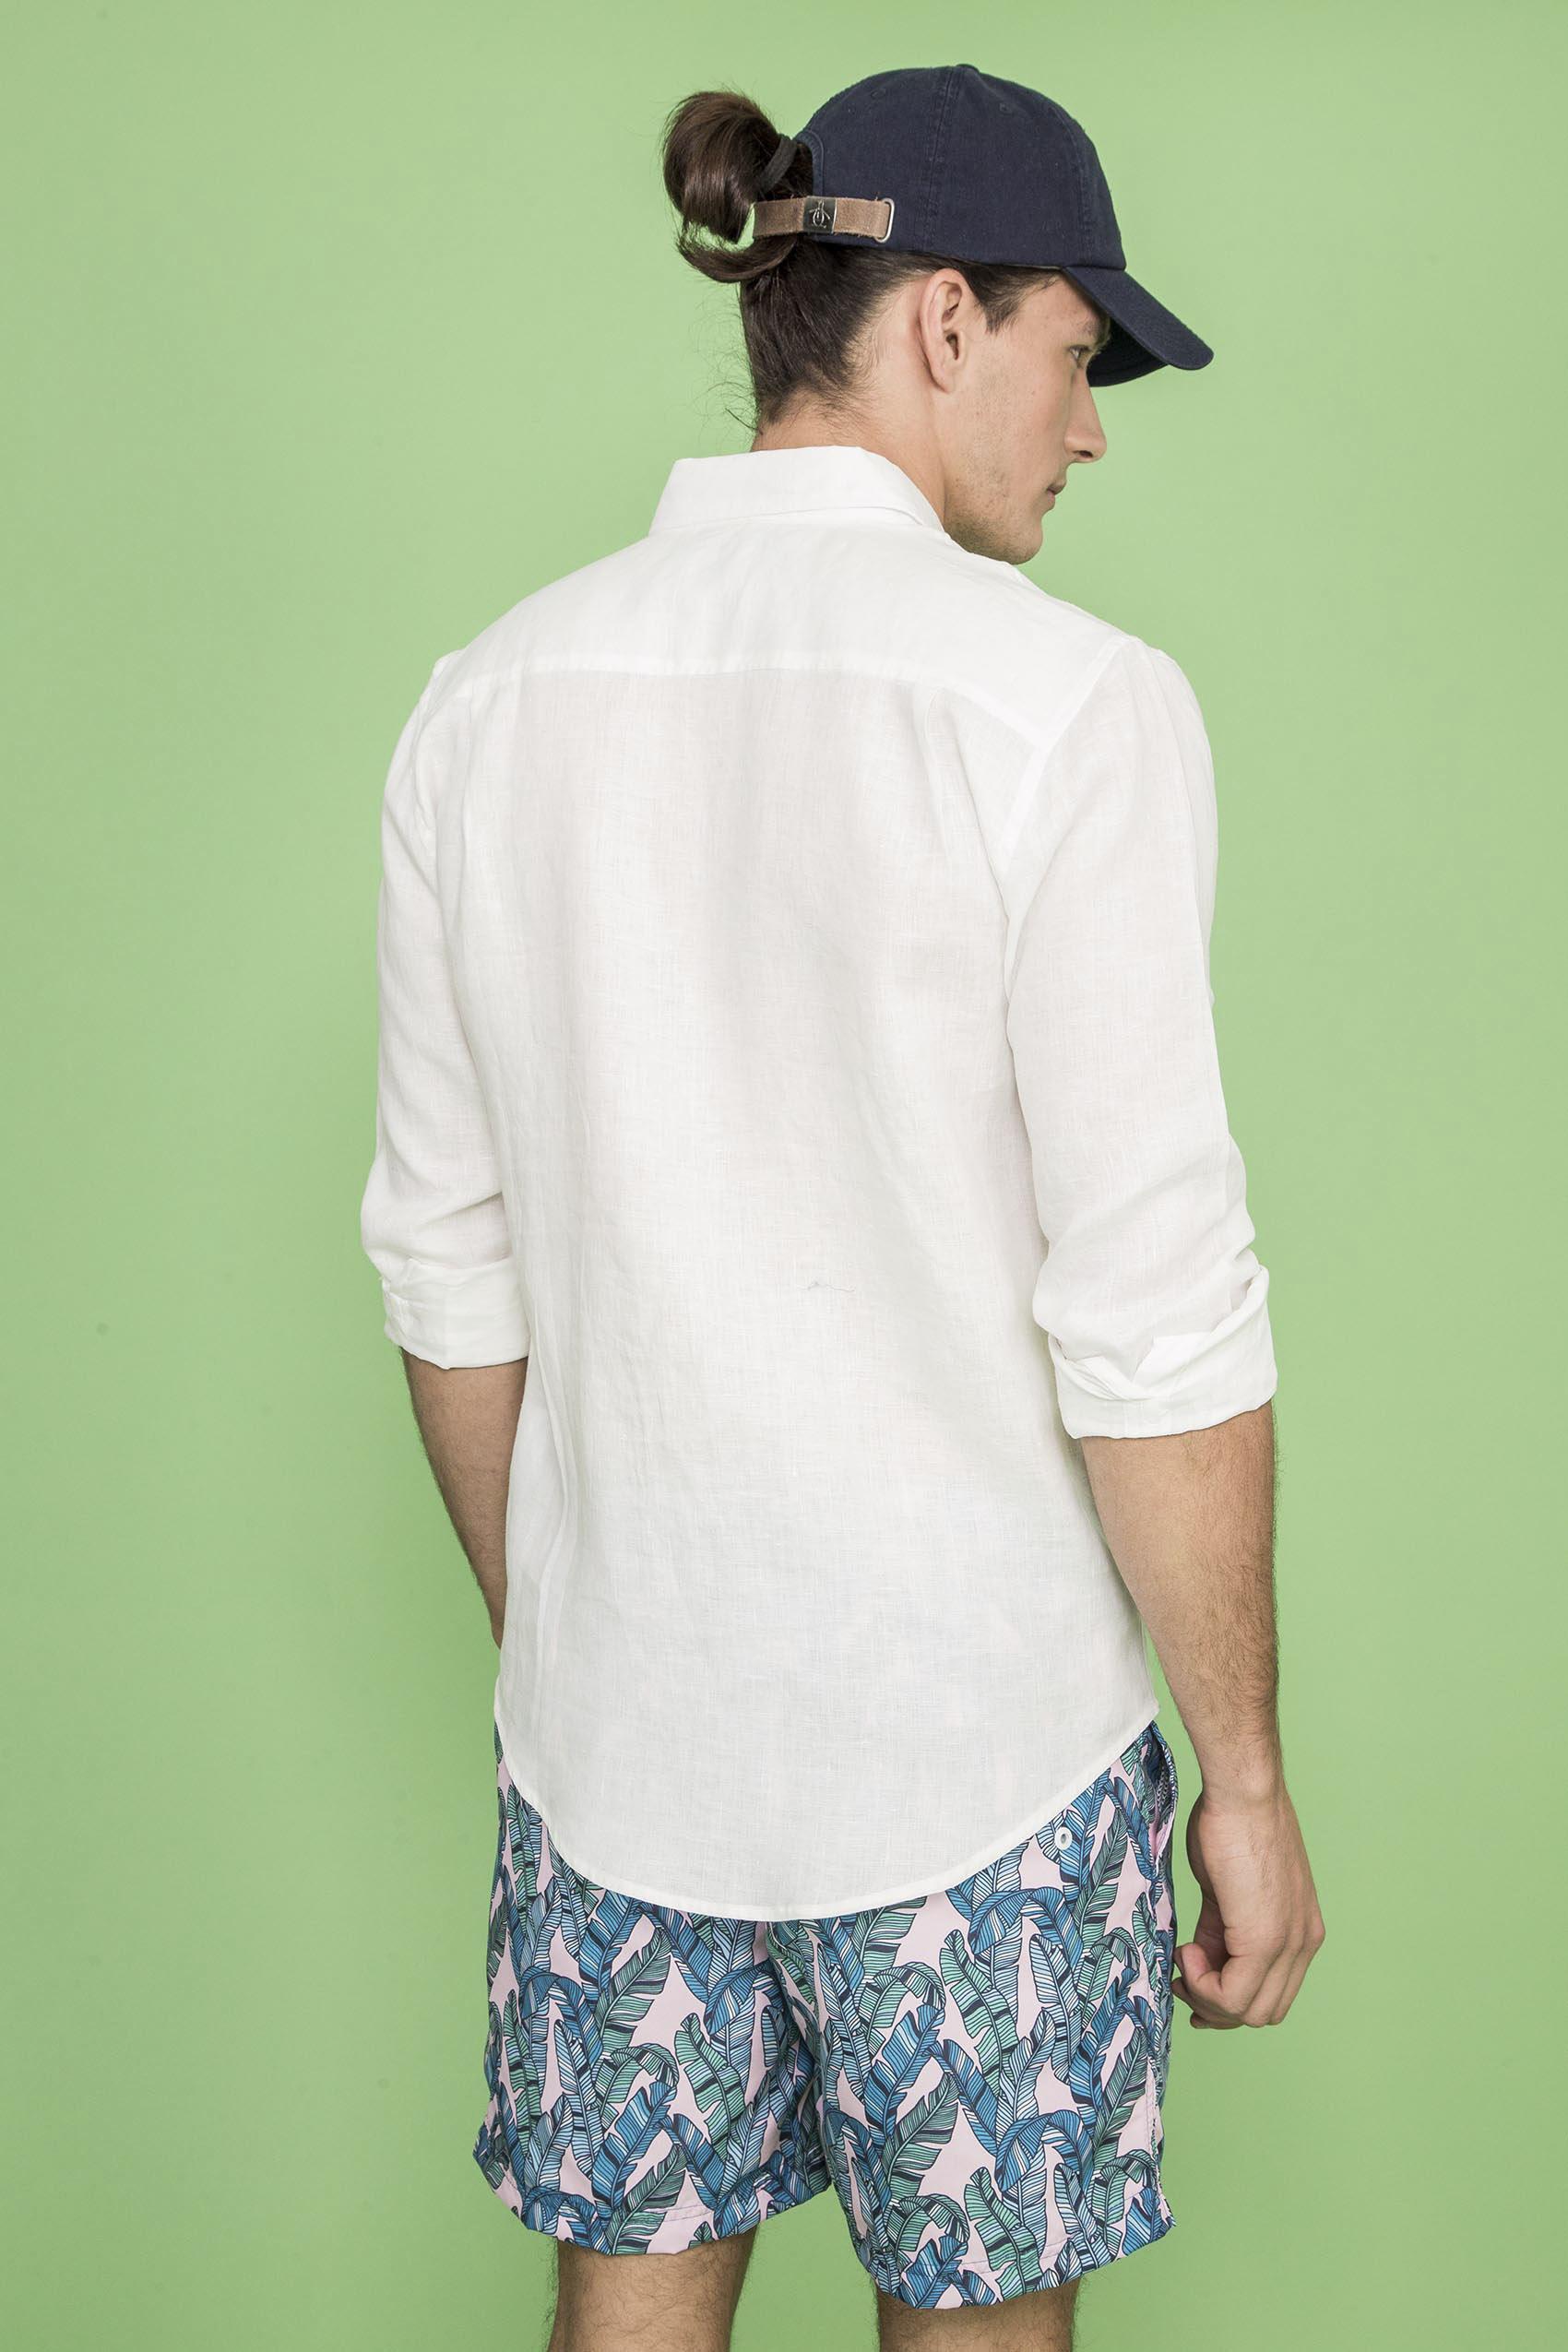 penguin_l/s-core-washed-linen-shirt_32-24-2021__picture-17006